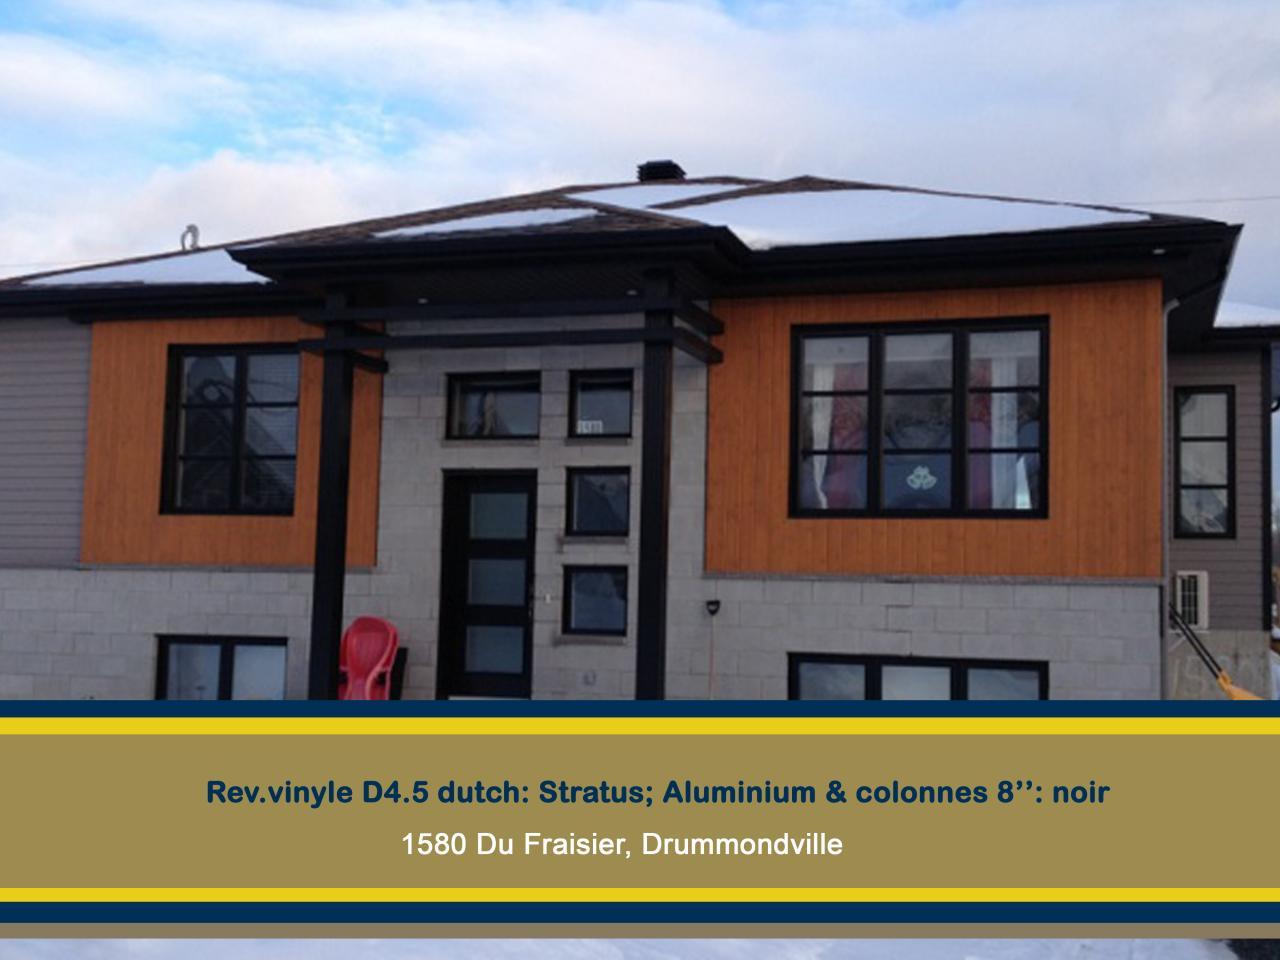 1580 Du Fraisier Drummondville